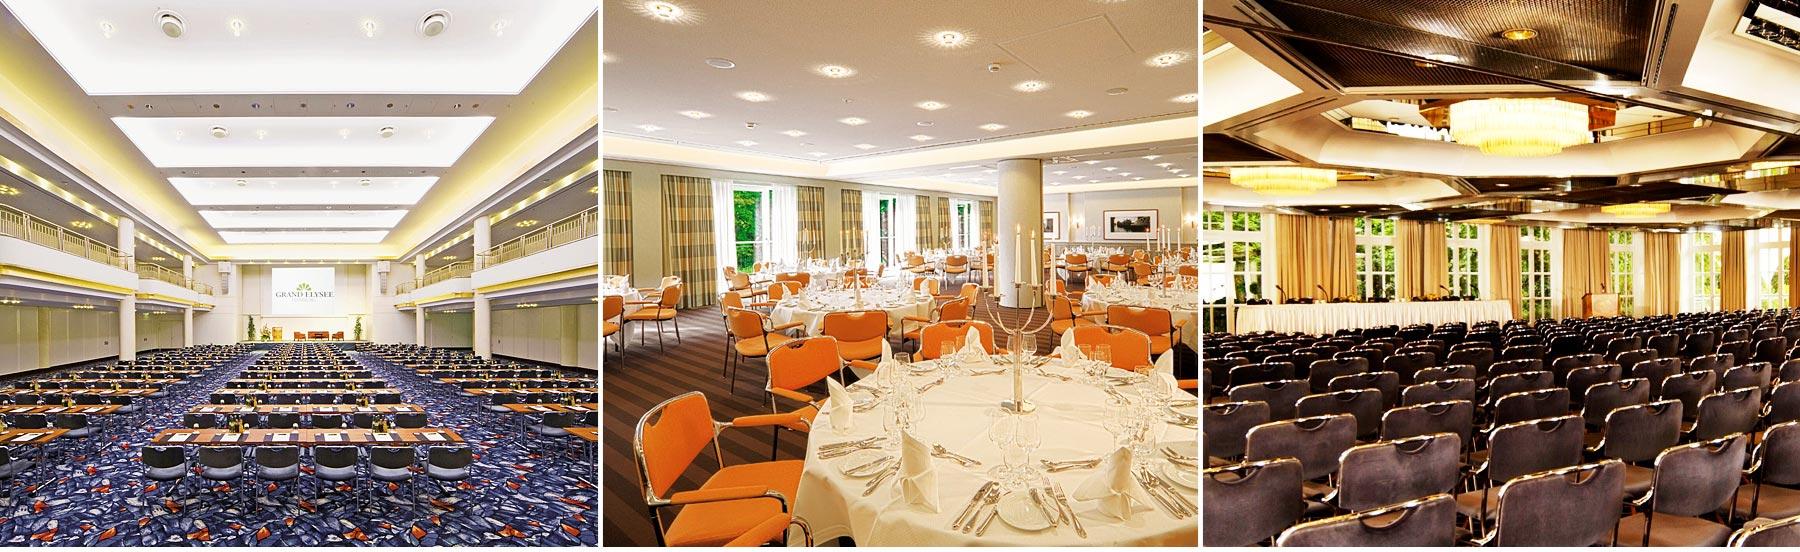 Referenz Innenarchitektur SDW DESIGN hotel grand elysee Saalgestaltung